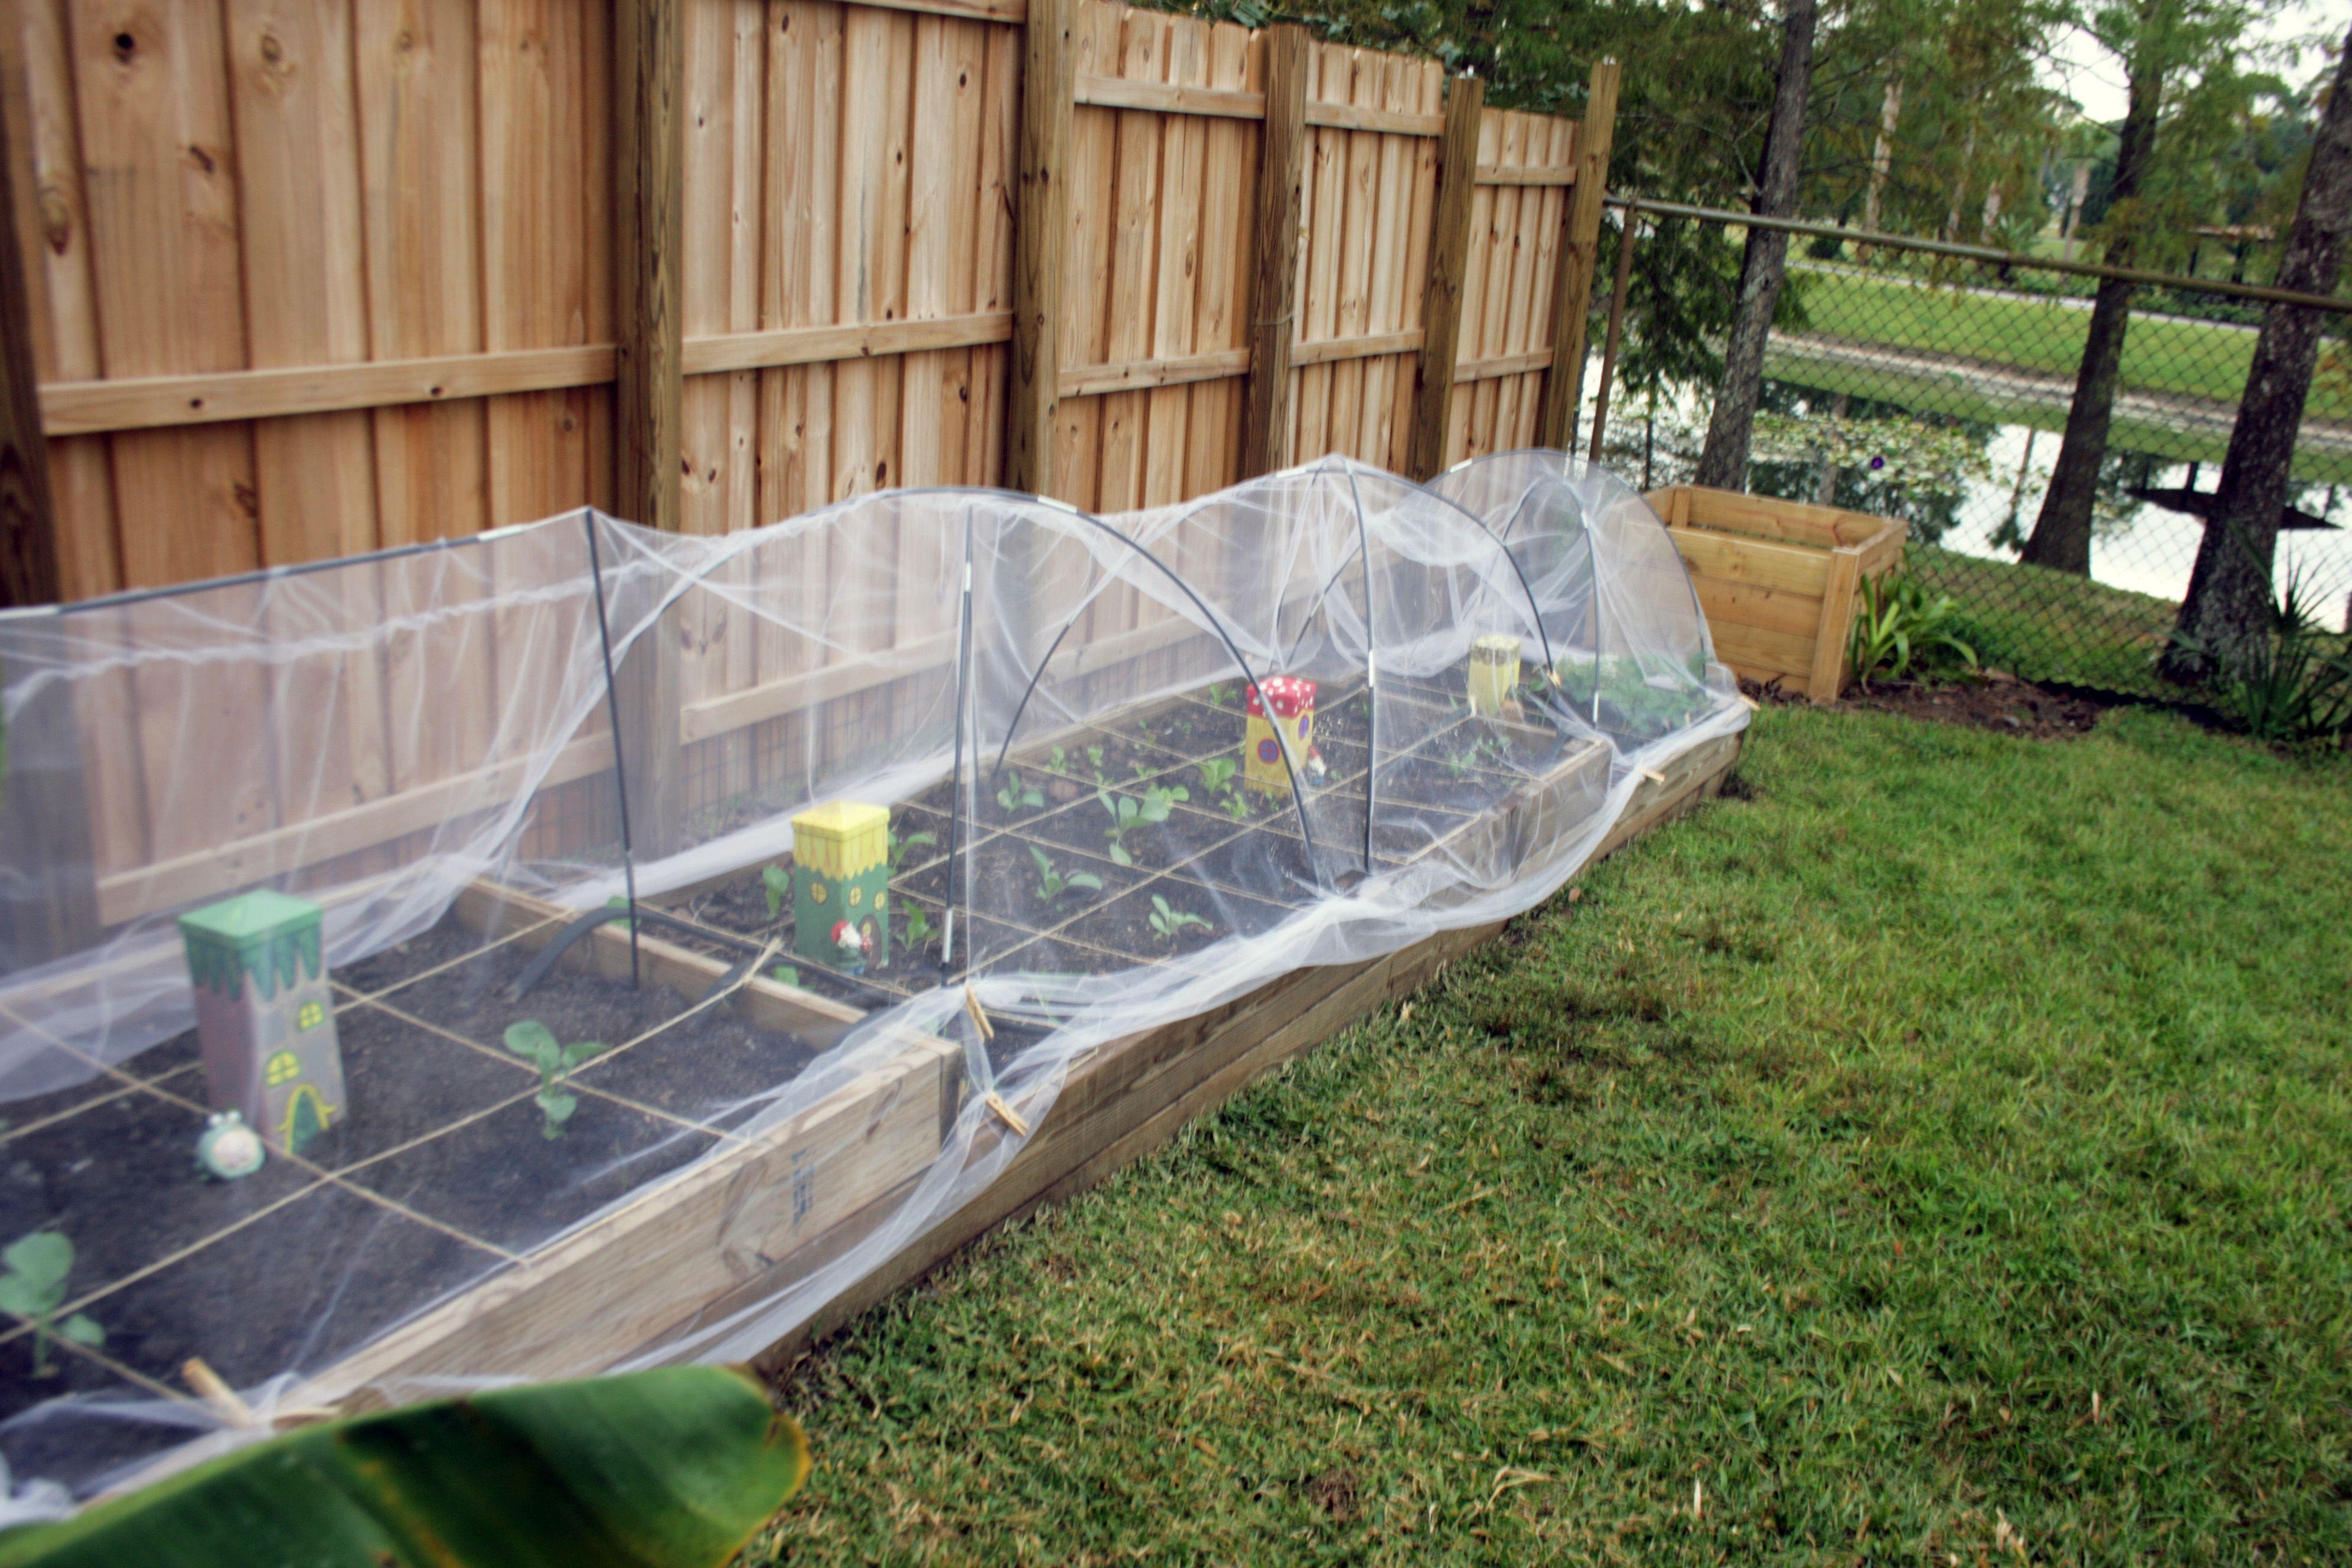 Row Covers Using Tulle Gardening Pinterest Gardens Vegetable Garden And Veg Garden